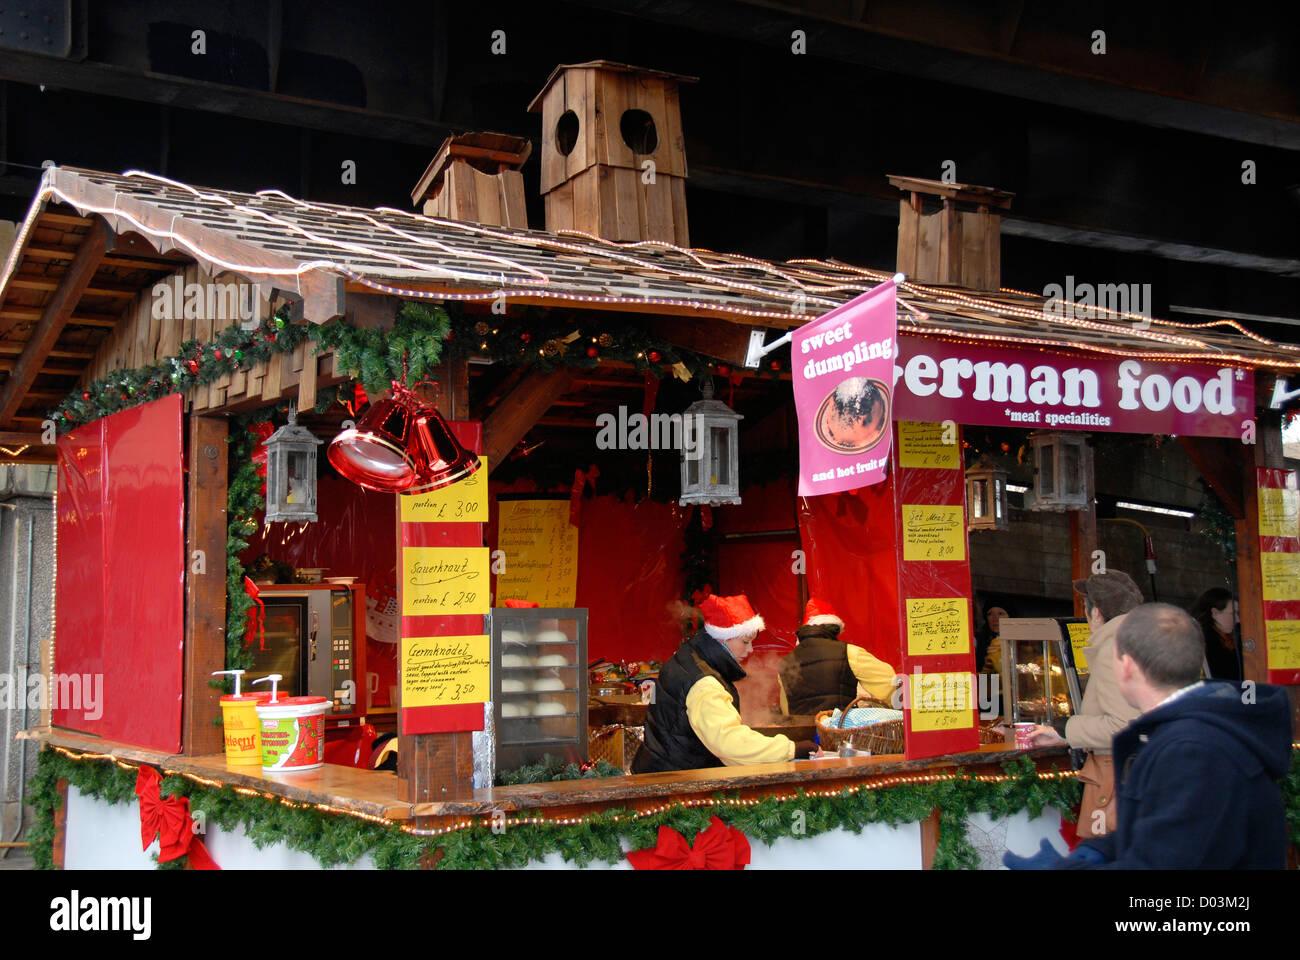 Christmas market, South Bank, London, England, United Kingdom, Europe - Stock Image